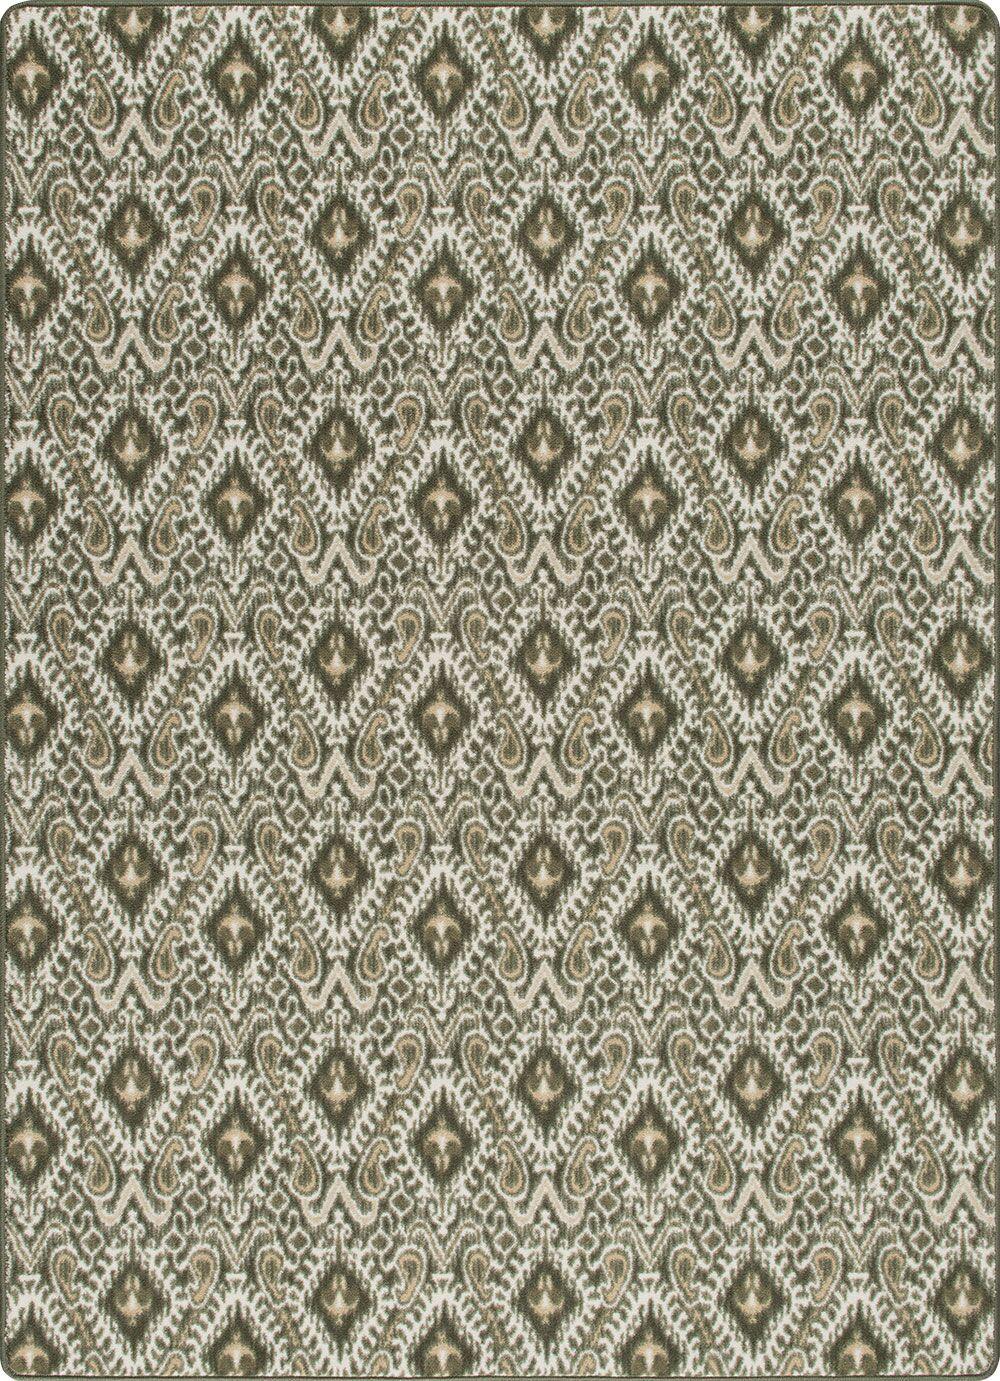 Glastonbury Crafted Olivewood Area Rug Rug Size: Rectangle 2'1